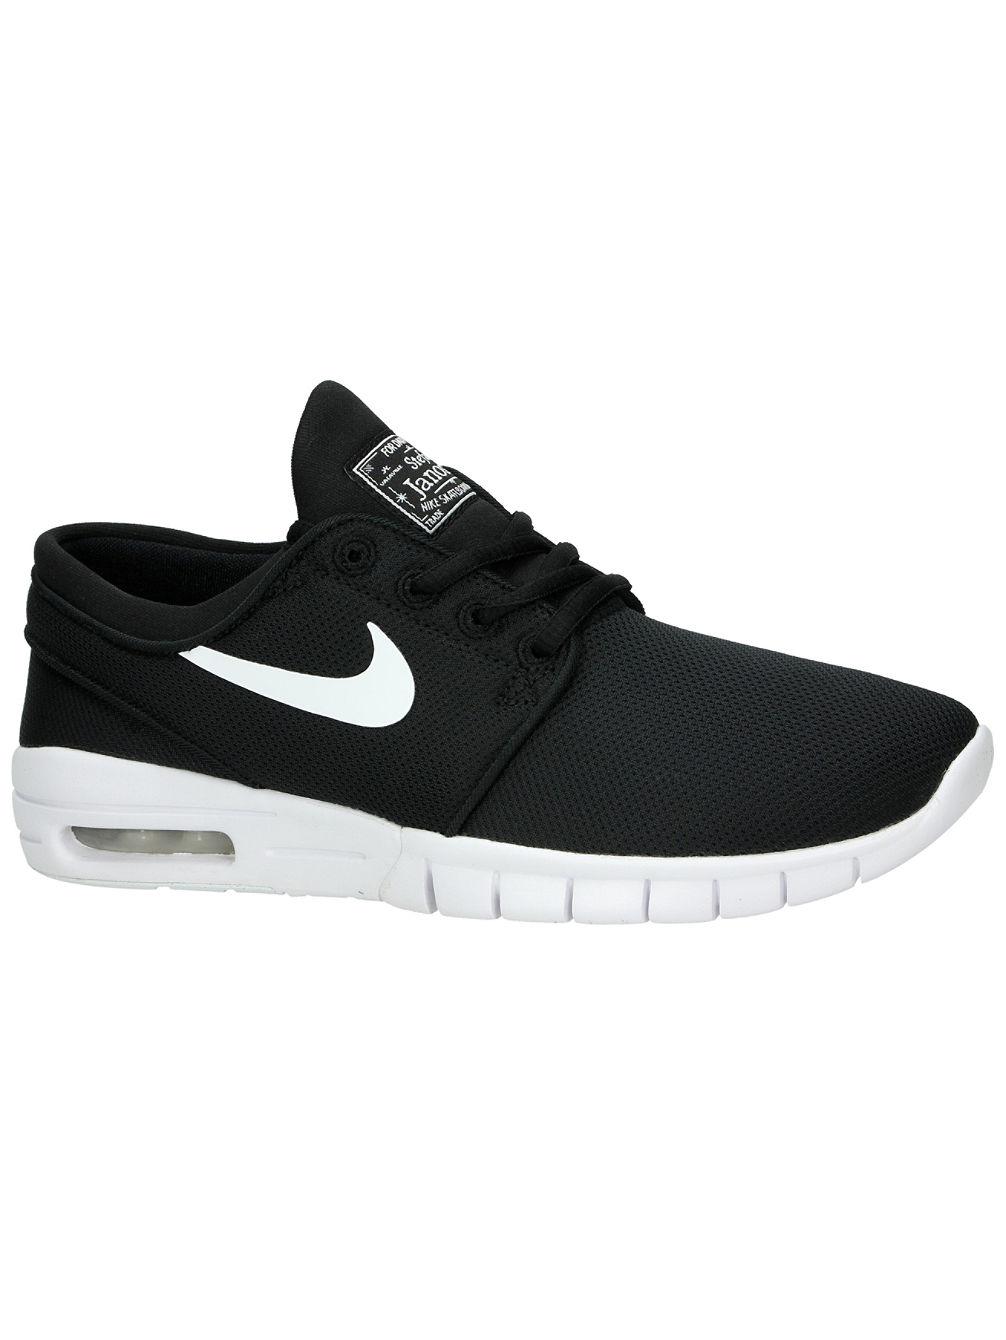 sale retailer 06a2d 881e6 Stefan Janoski Max GS Sneakers ragazzo. Nike